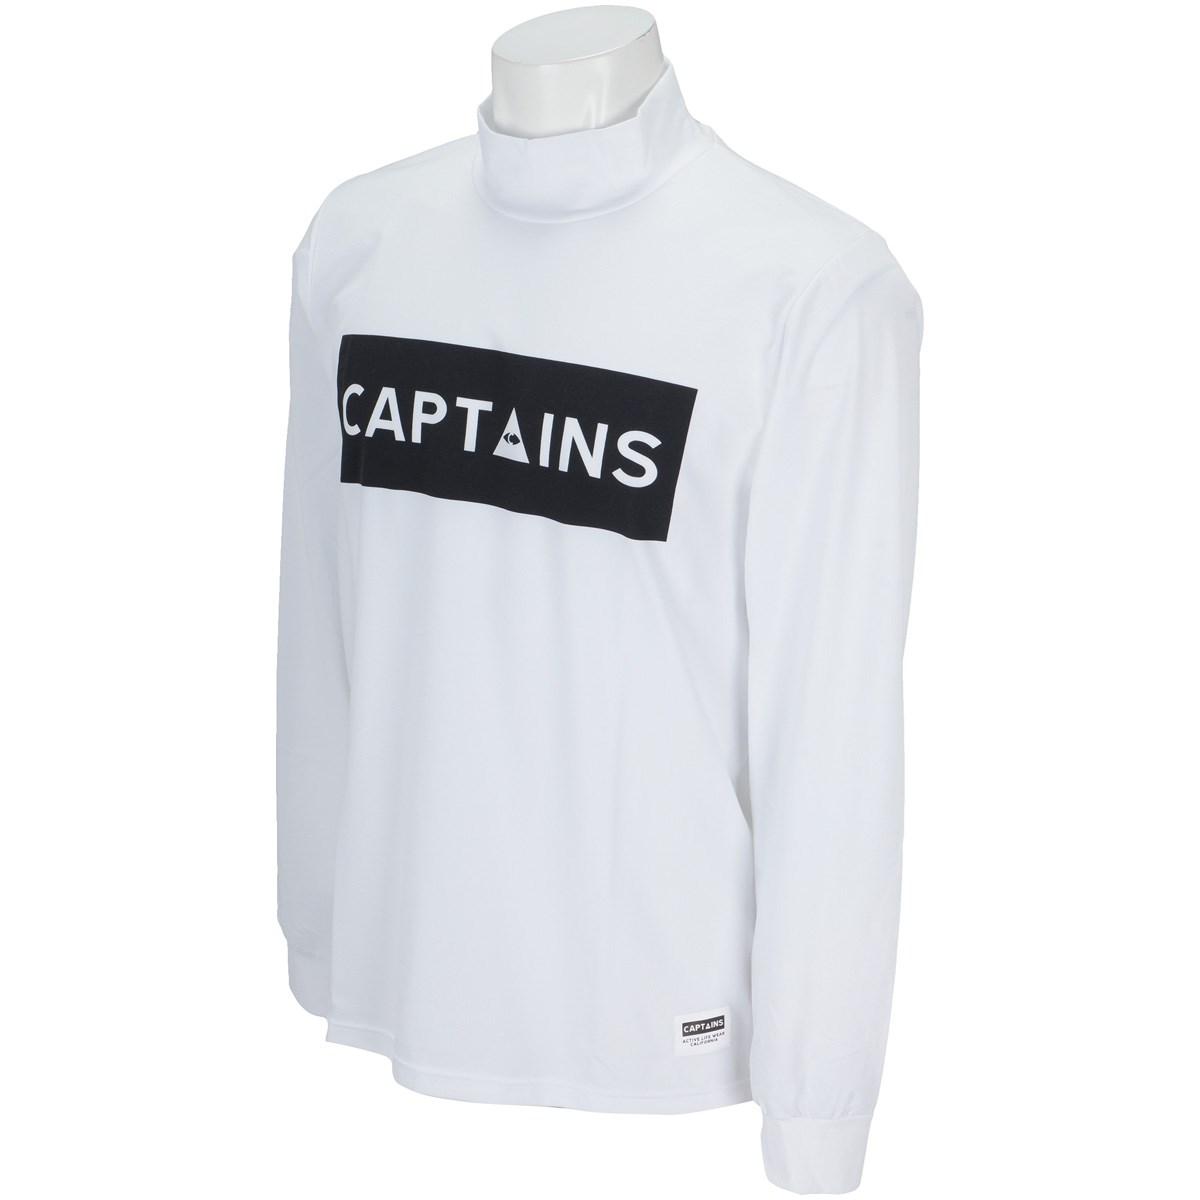 キャプテンズヘルム CAPTAINS HELM ロゴ モックネック長袖Tシャツ M ホワイト